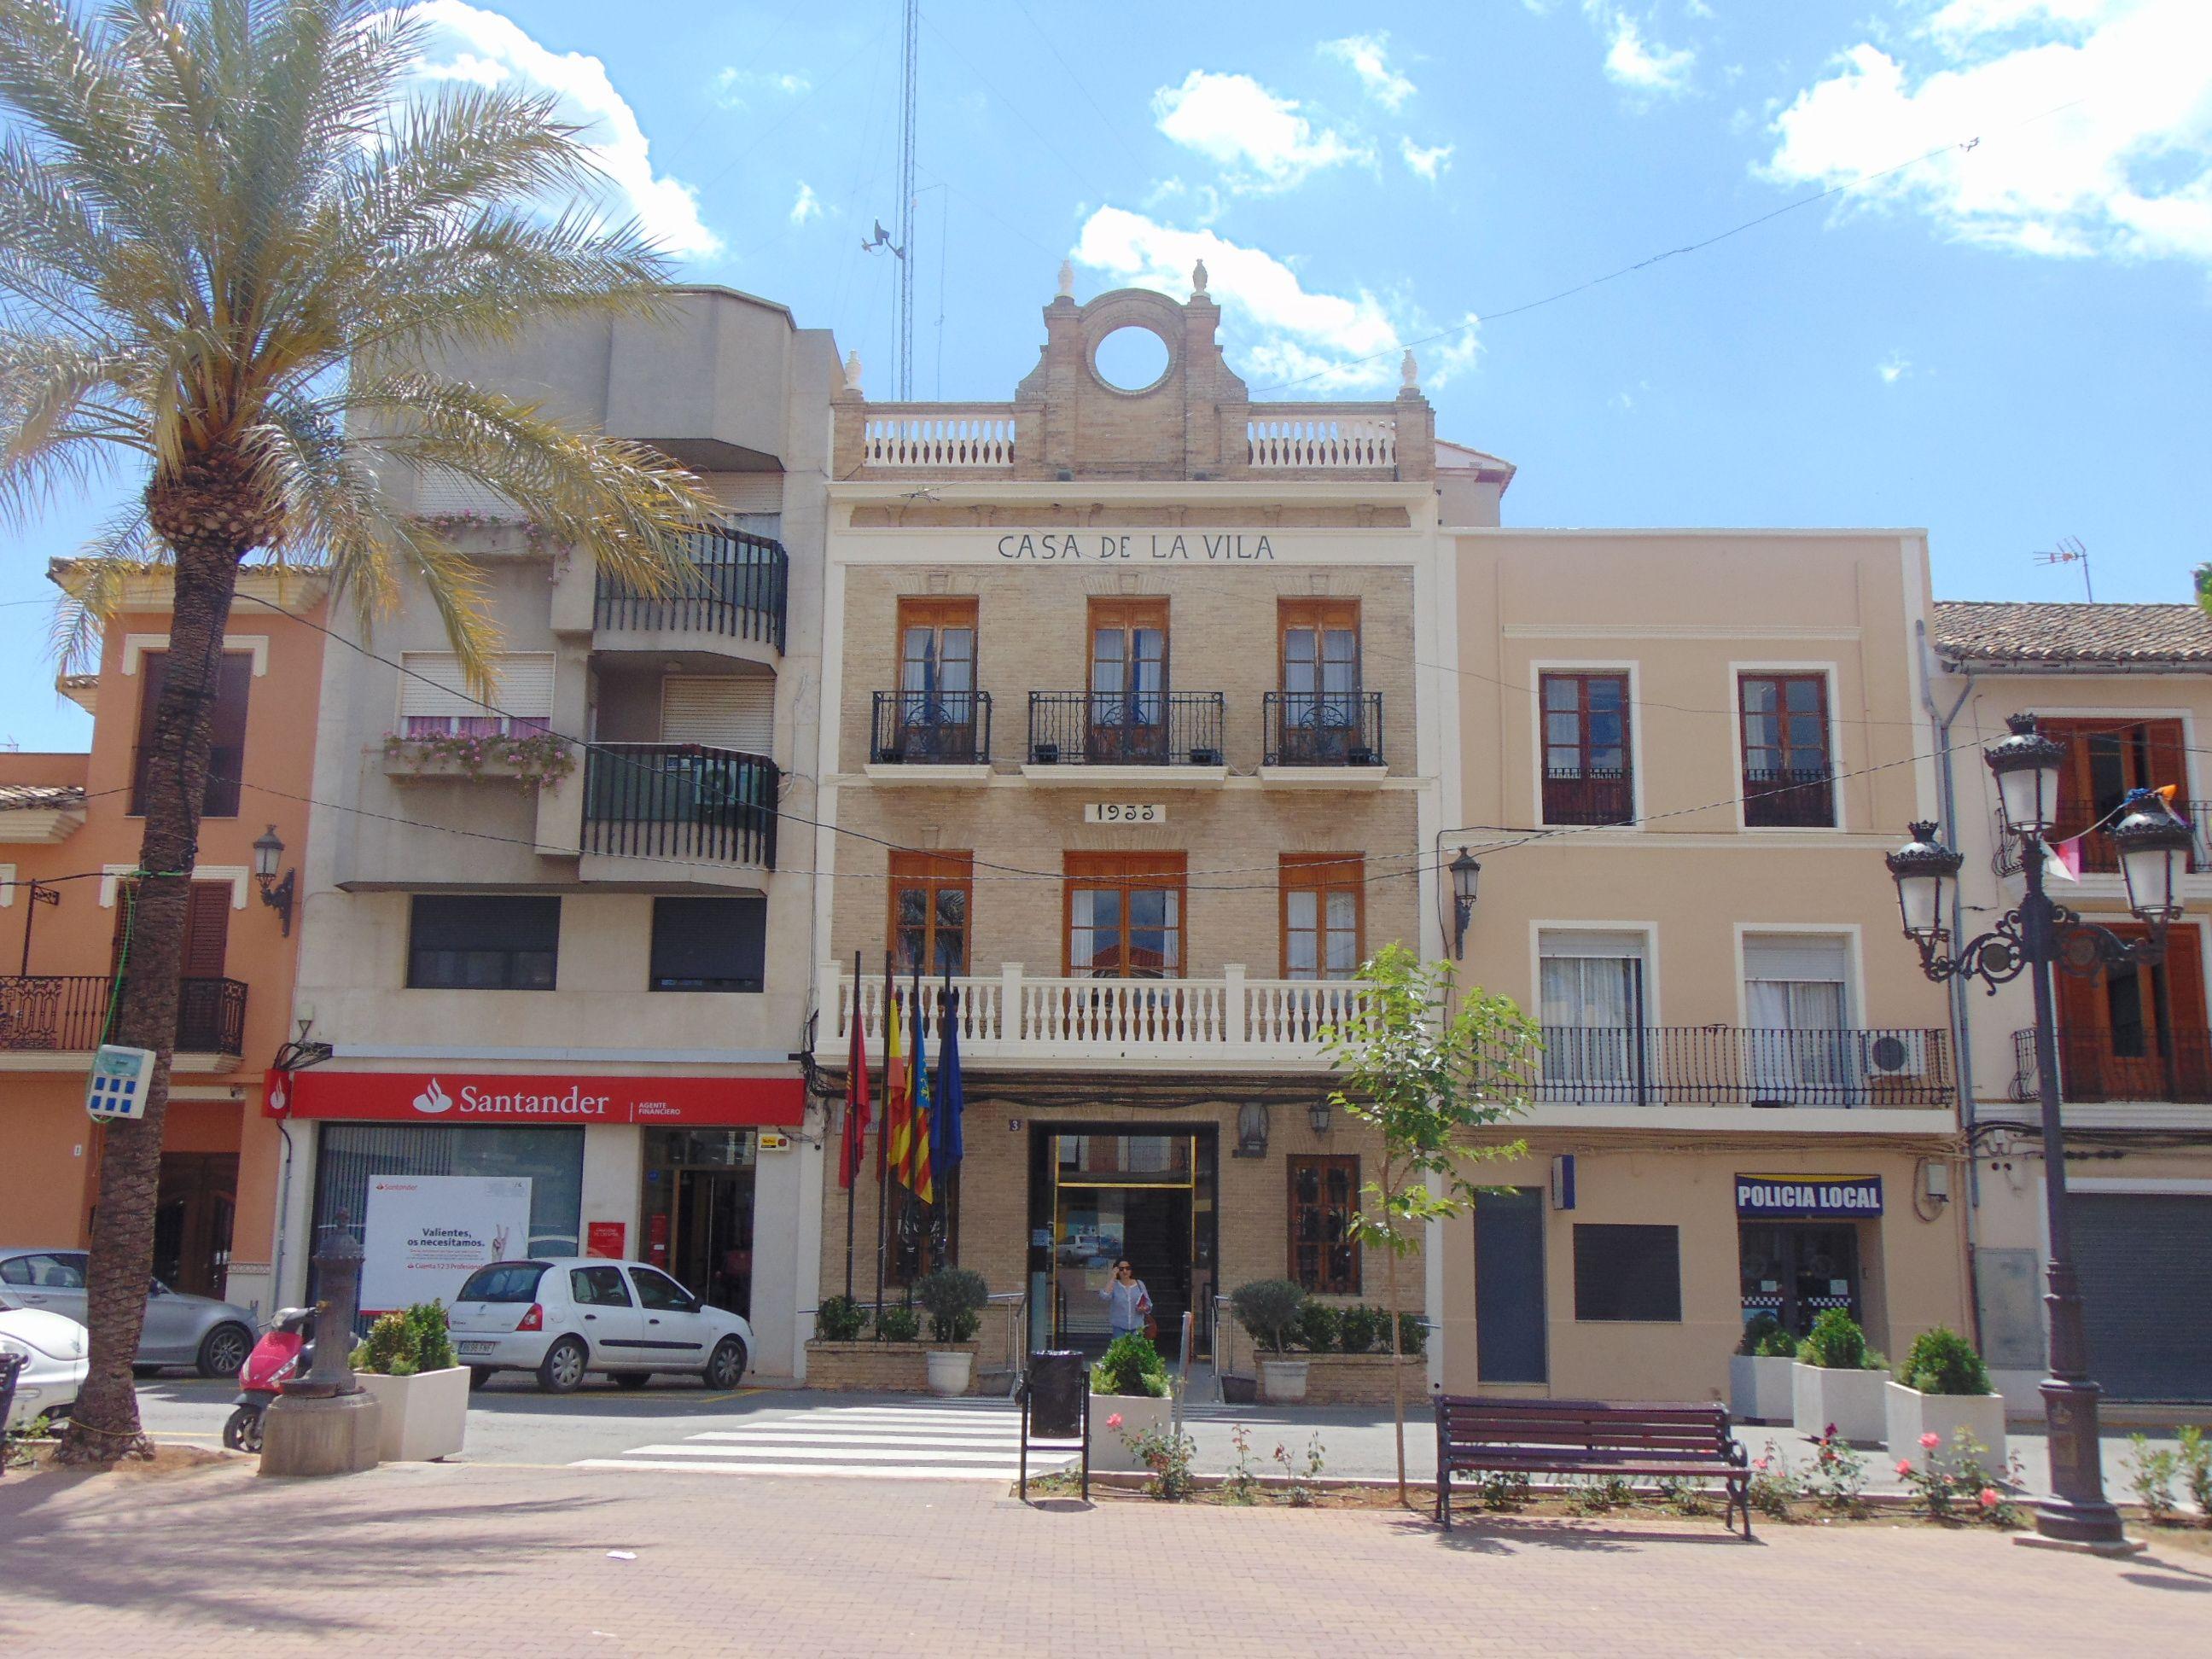 L'Ajuntament d'Alcúdia de Crespins impulsa la cultura local amb la creació d'un cinema d'estiu